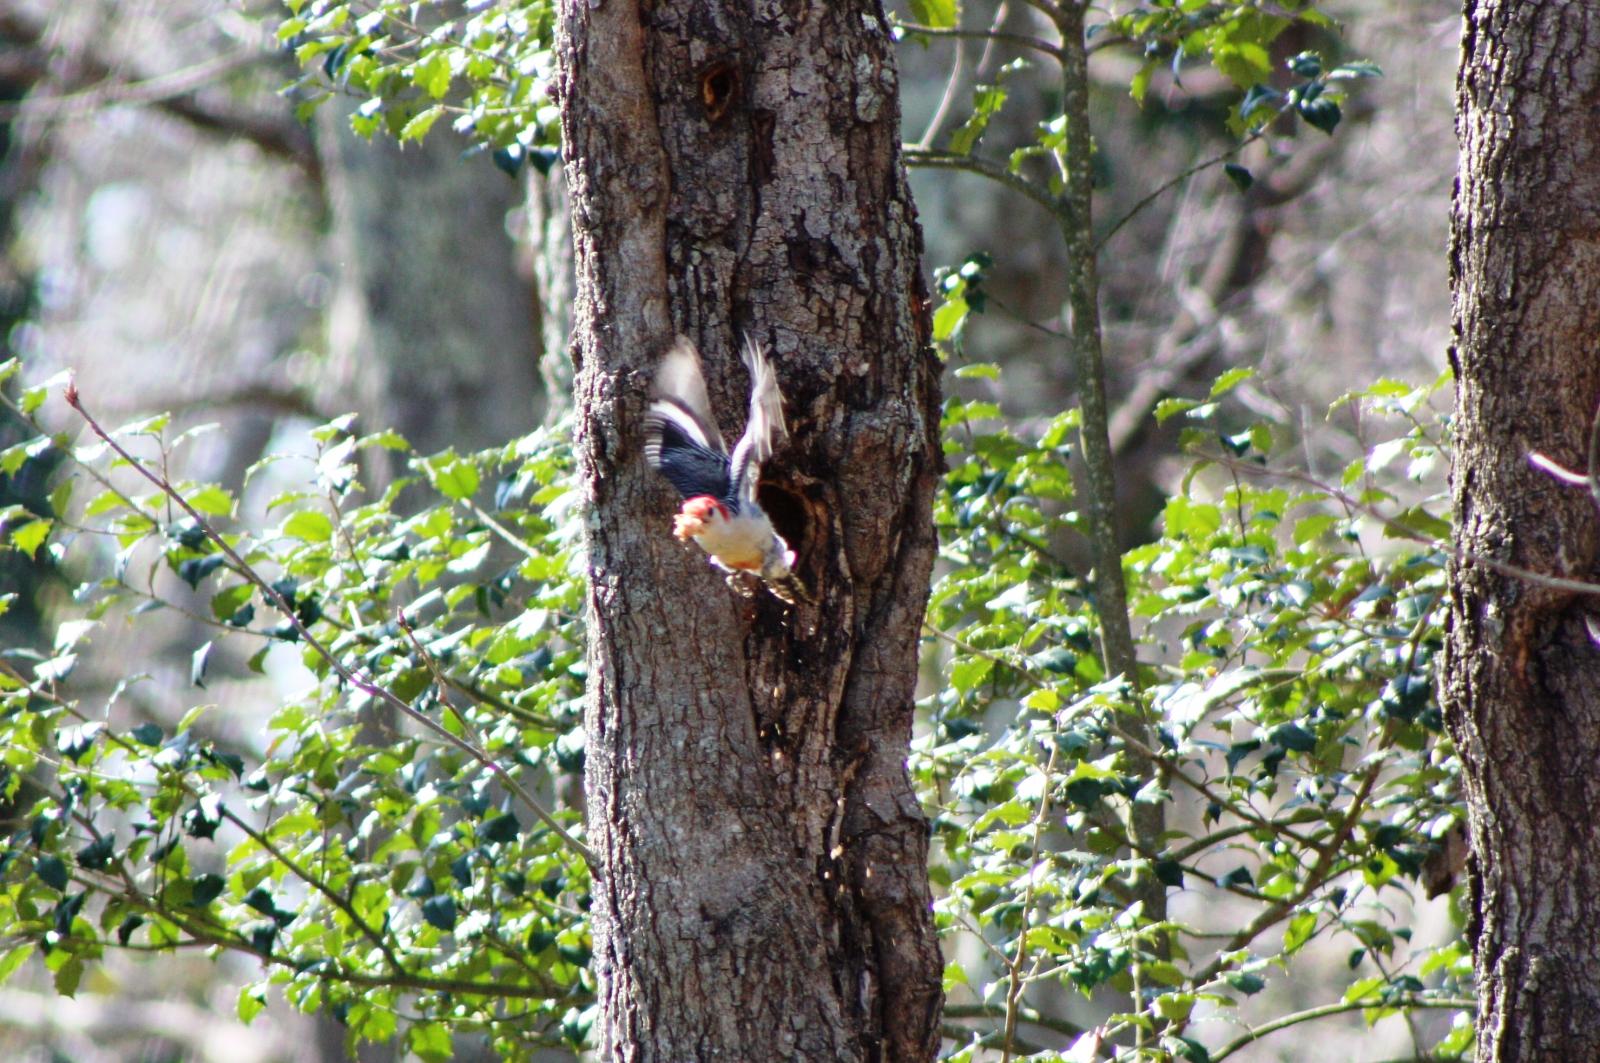 Red Bellied Woodpecker in the backyard